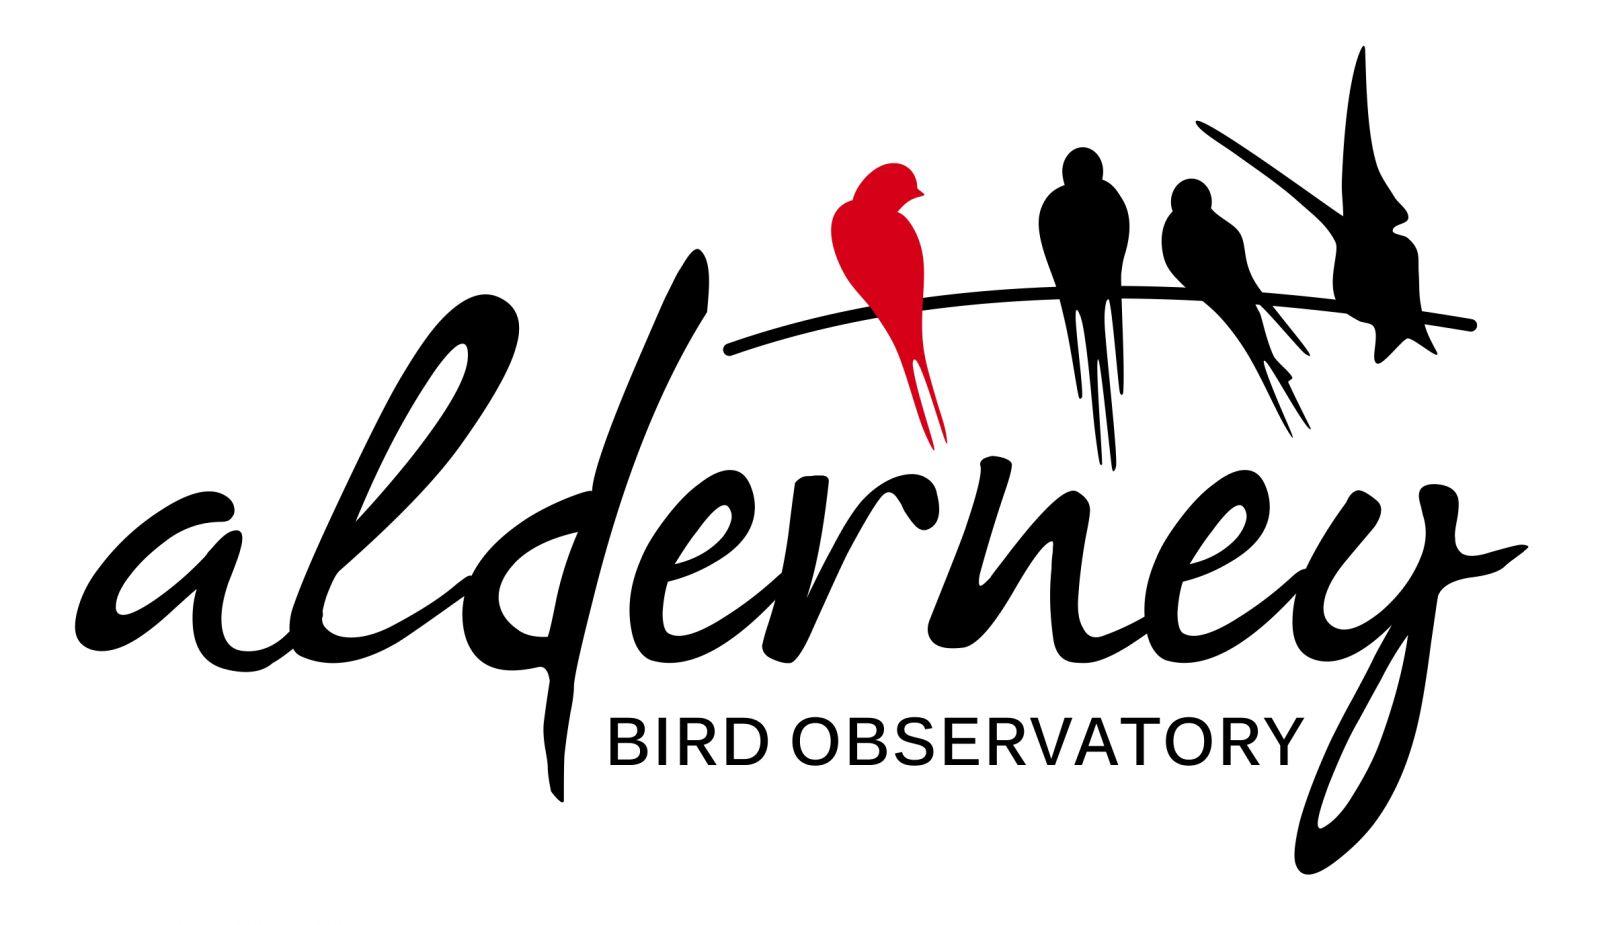 Alderney Bird Observatory